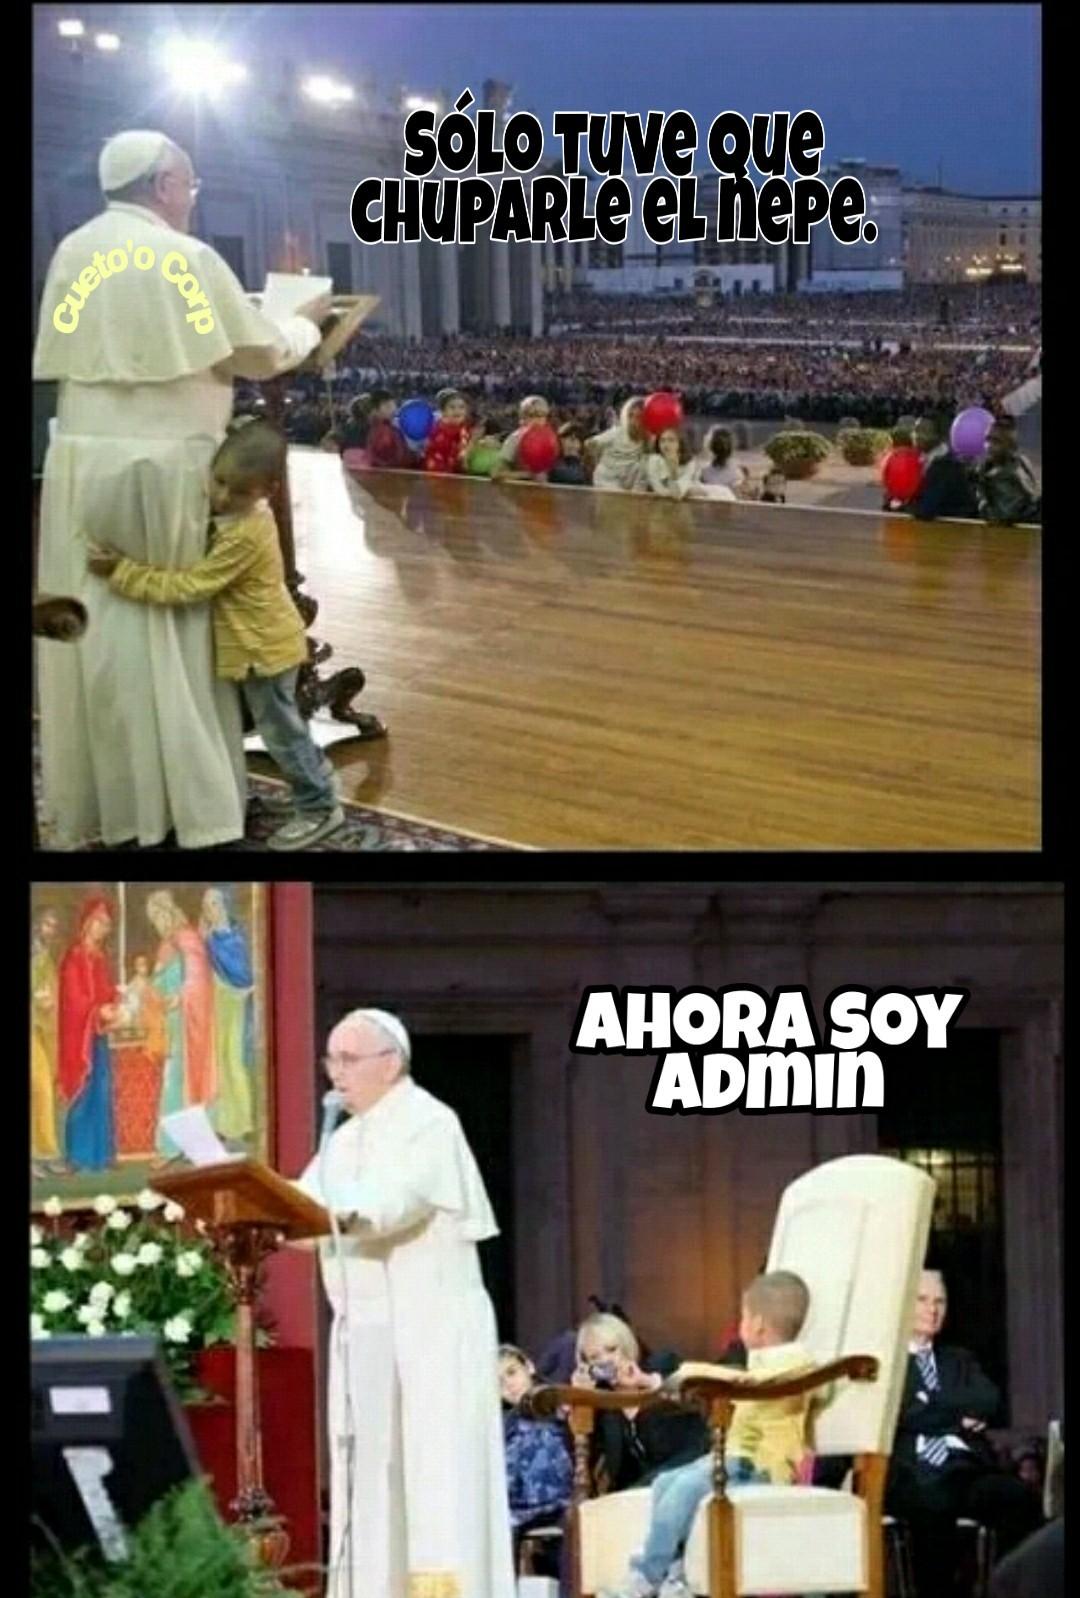 No es tan difícil ser administrador del Vaticano. - meme